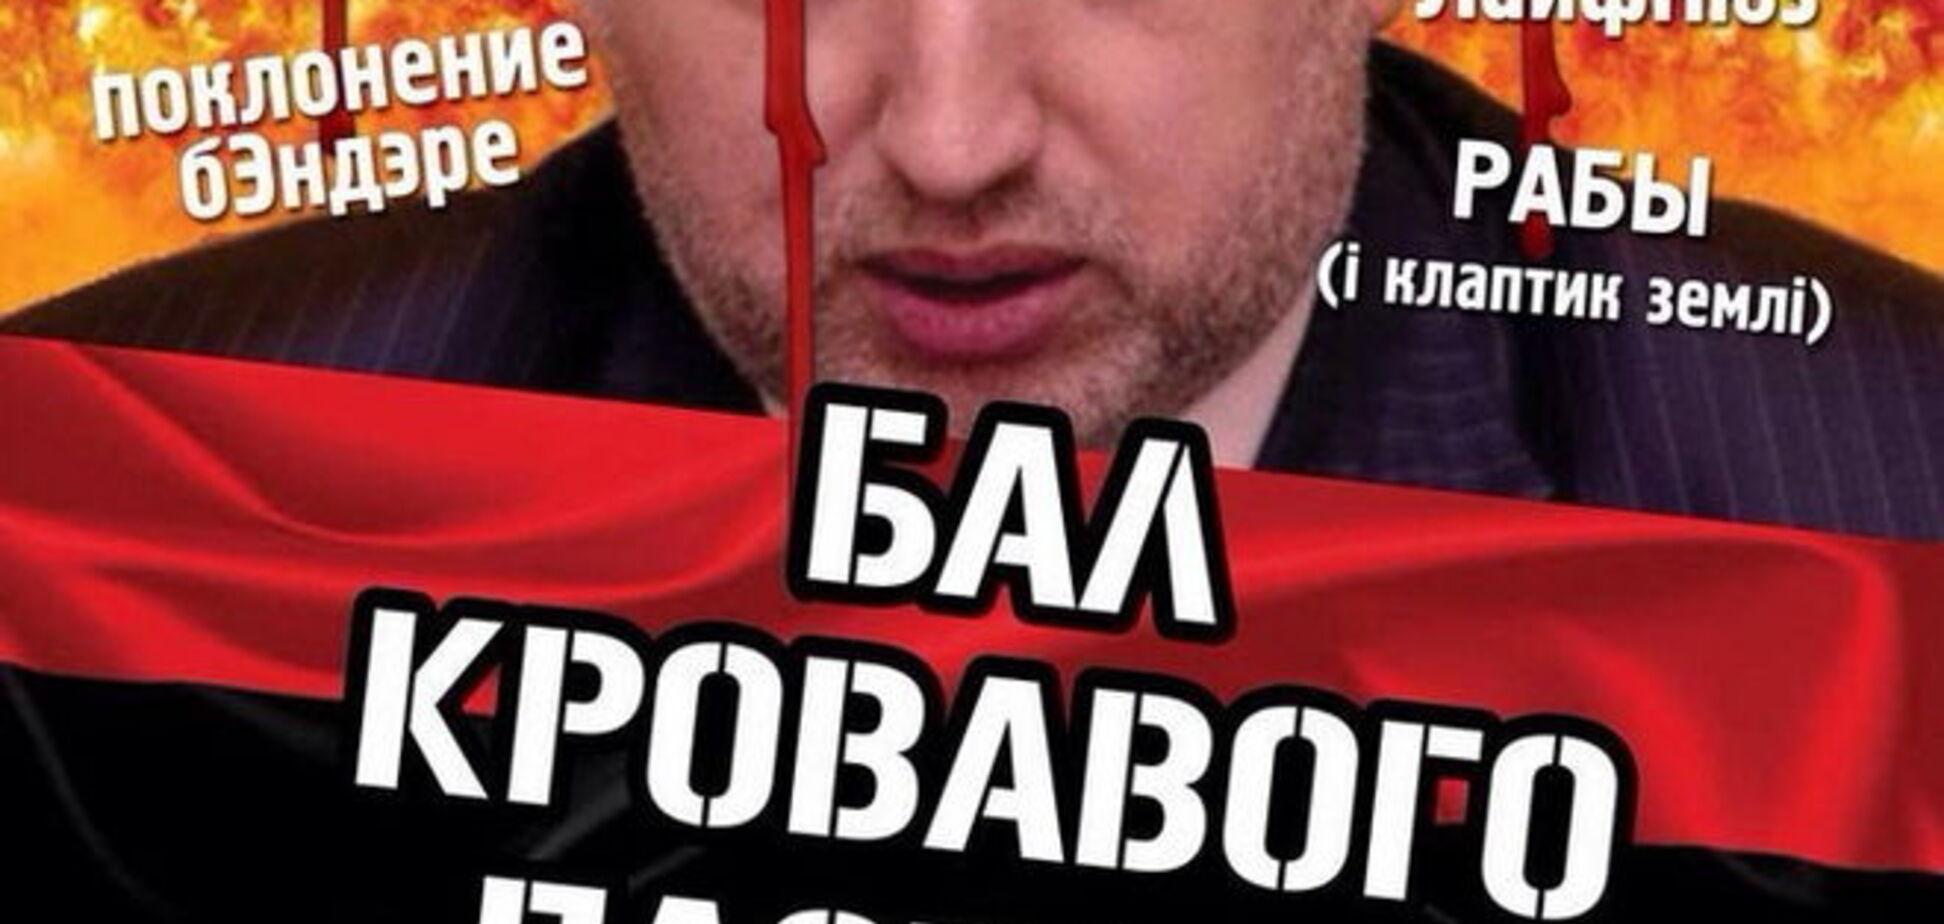 Съевшие 'русскоязычного младенца' организовали в Киеве 'Бал кровавого пастора': видео действа